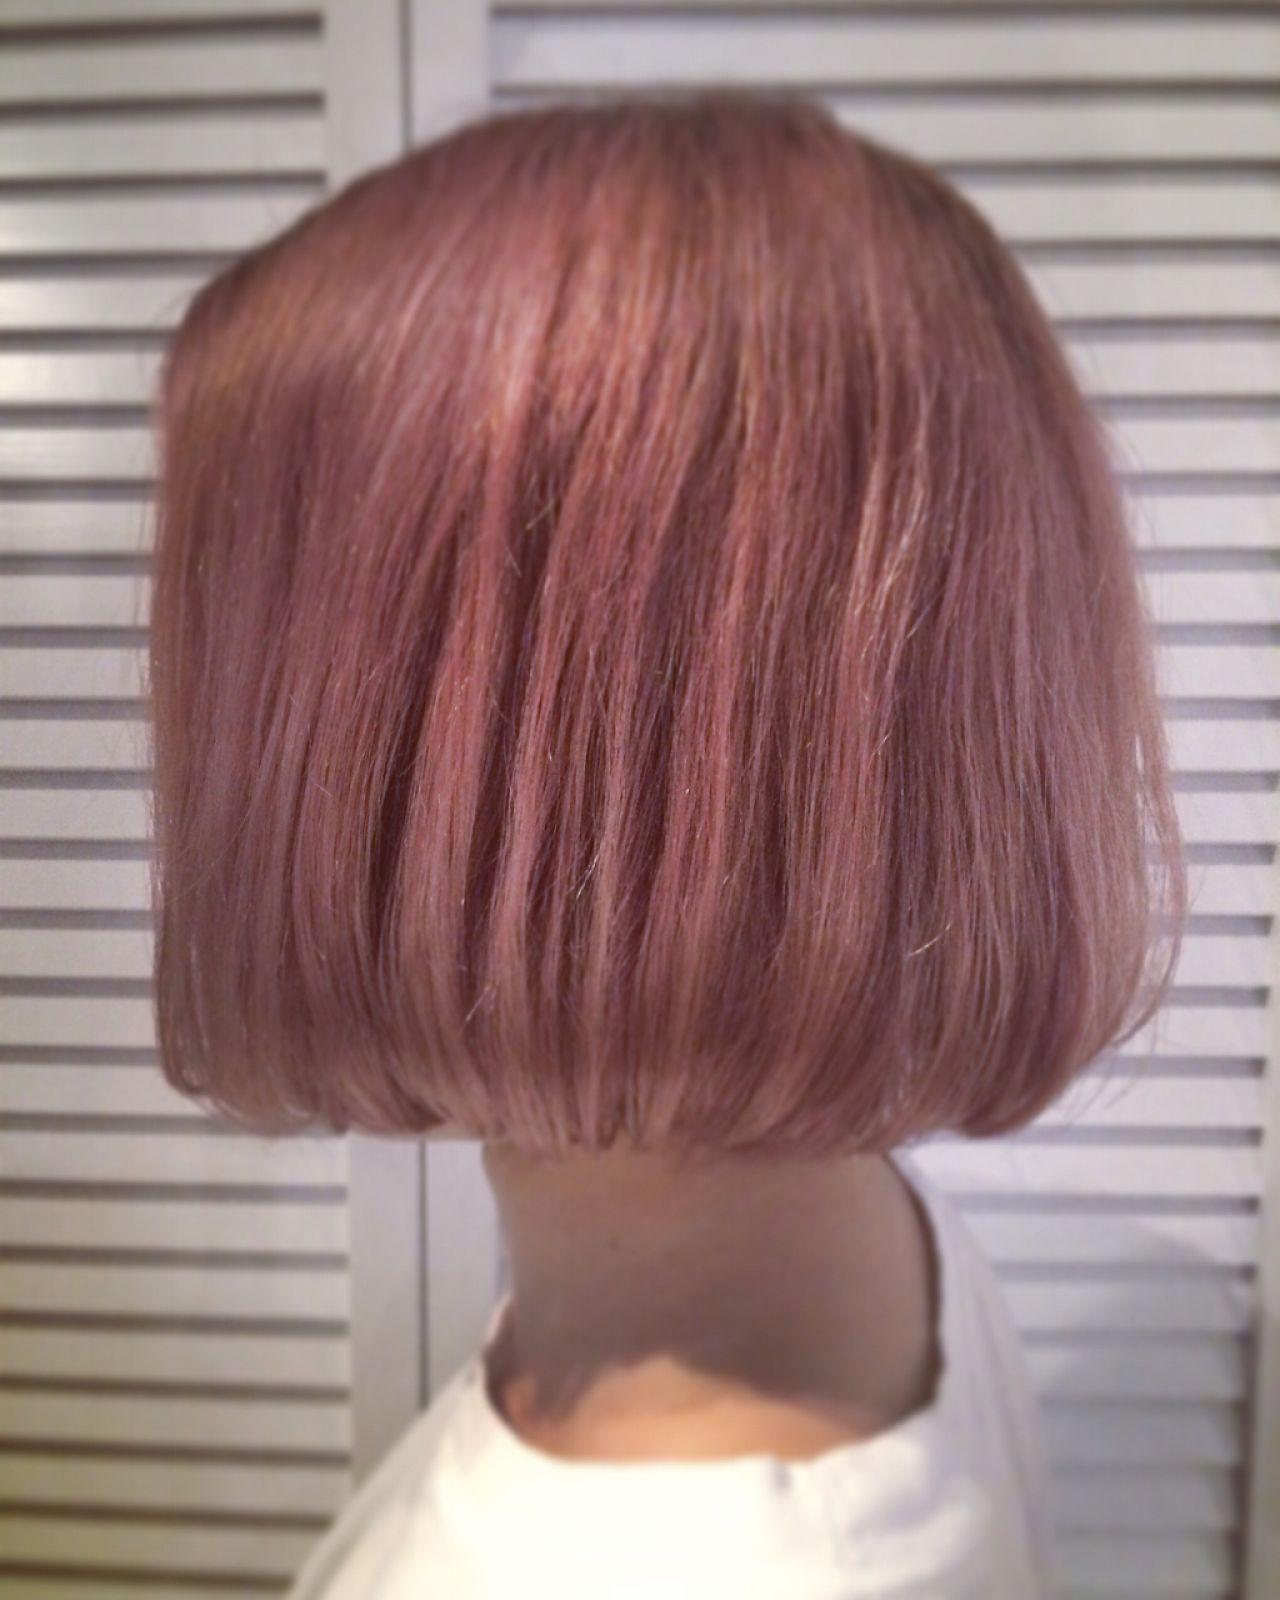 今年の流行はこれ!ピンクベースのおすすめヘアカラーと覚えておきたいポイント YUKINA